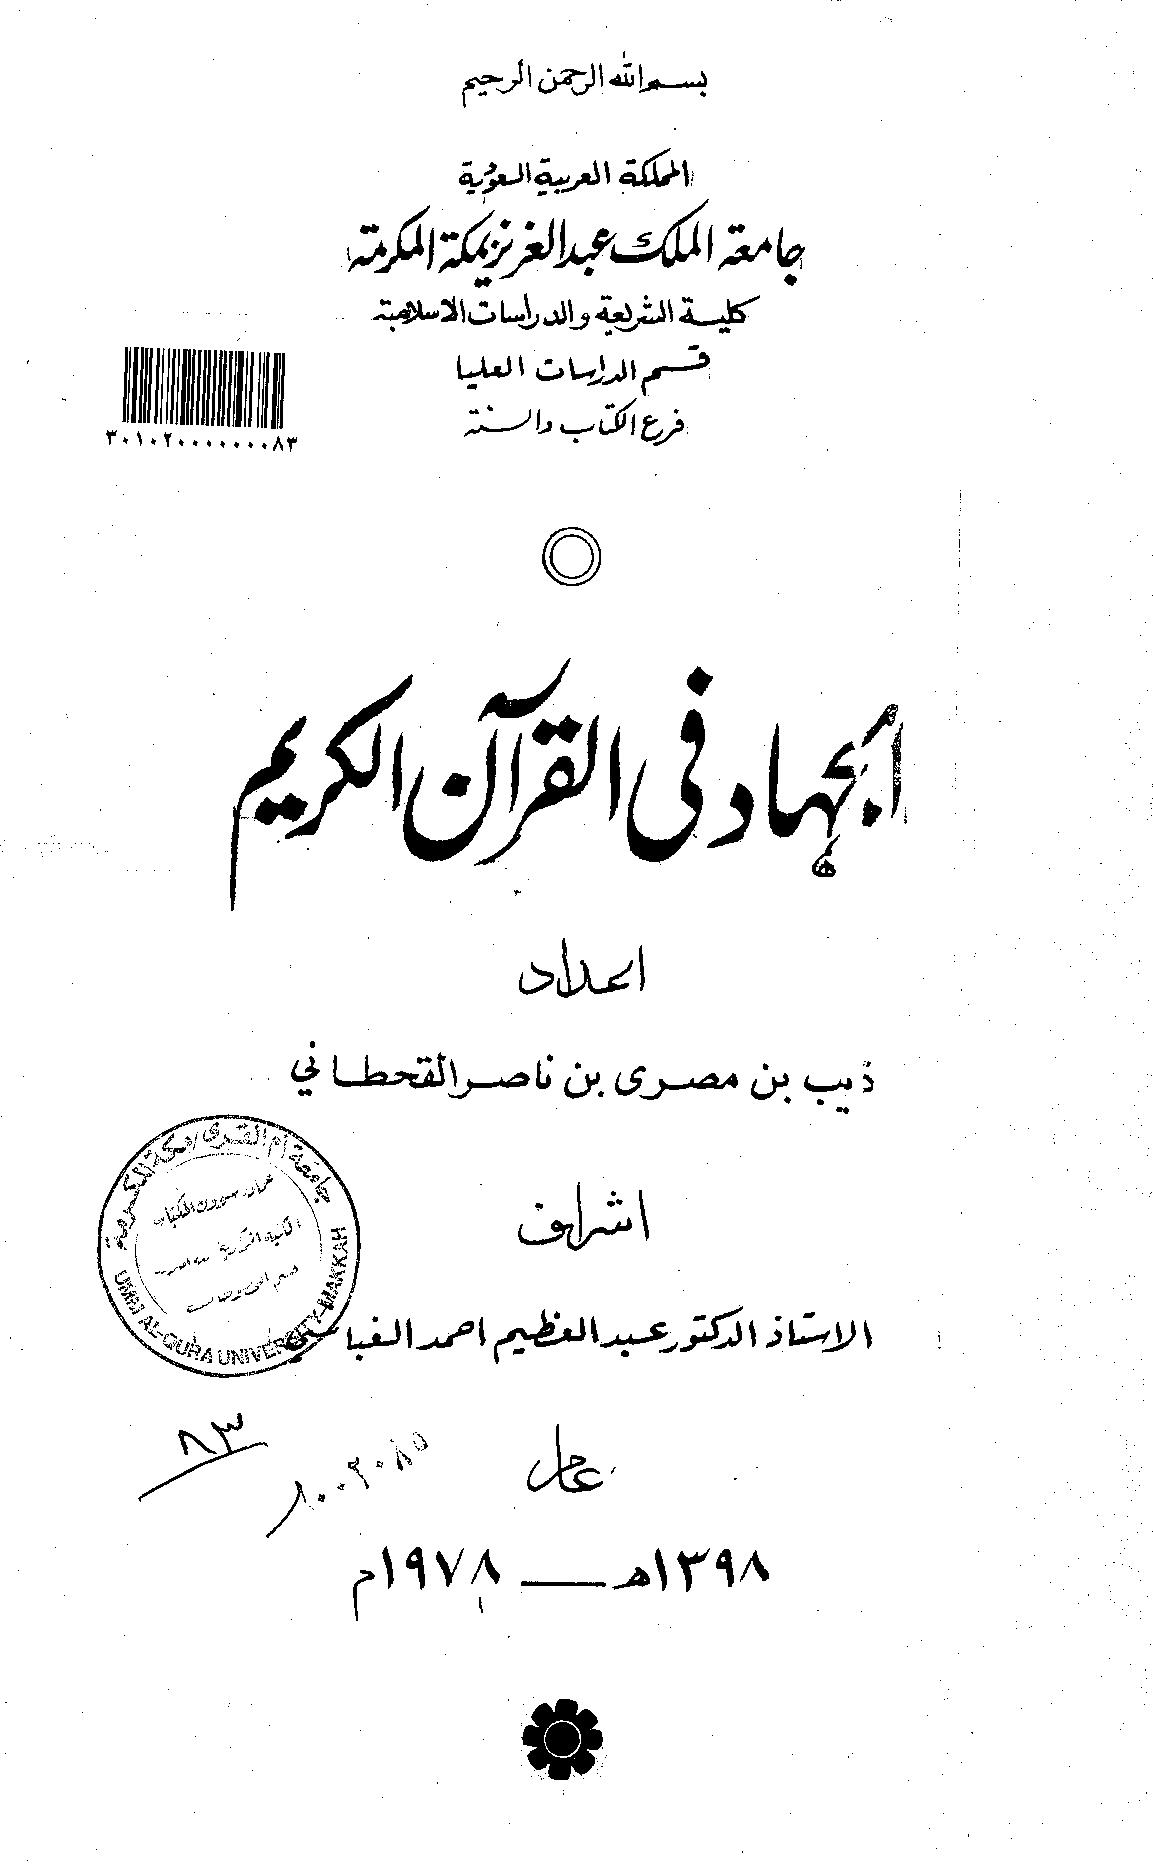 تحميل كتاب الجهاد في القرآن الكريم لـِ: ذيب بن مصري بن ناصر القحطاني